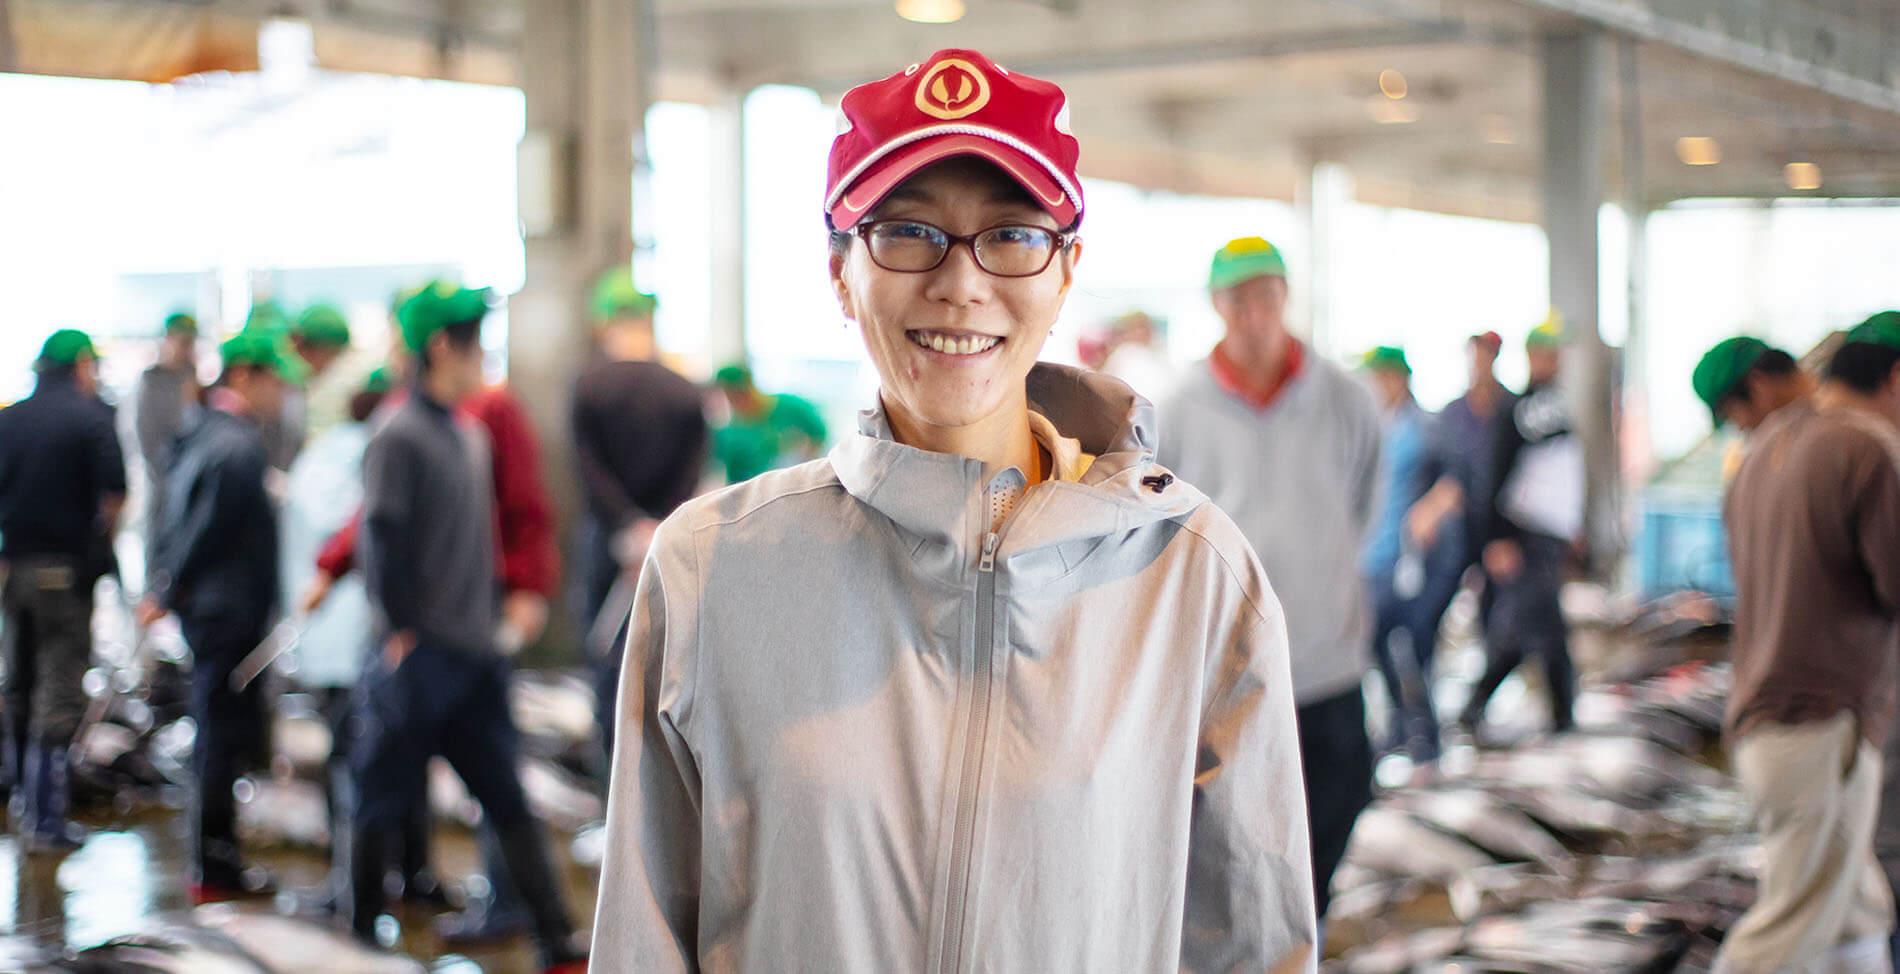 市場にて営業部久保智子さん正面から撮影